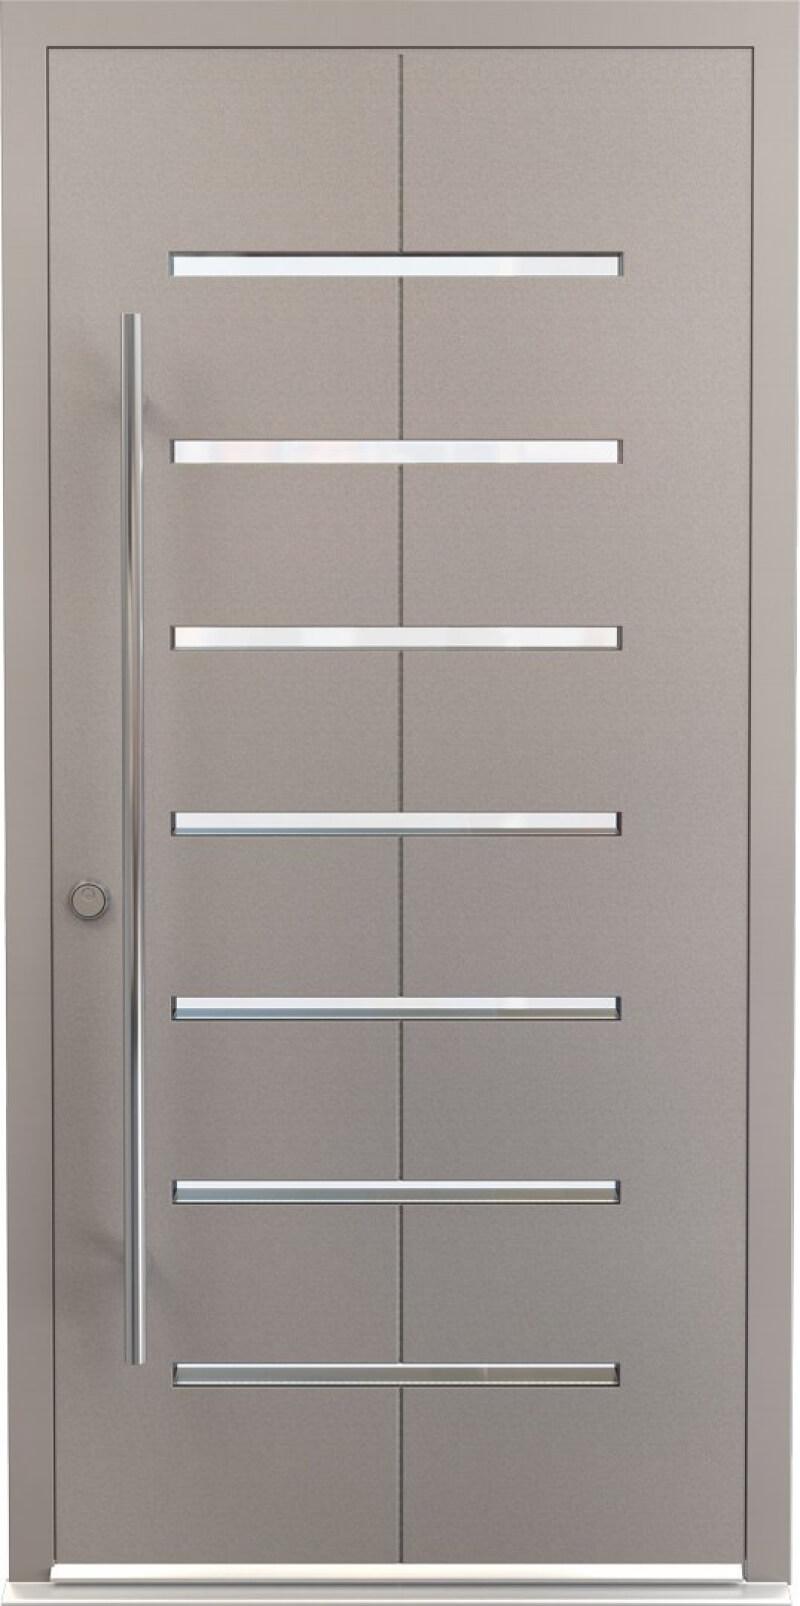 Rushcliffe Designer Door